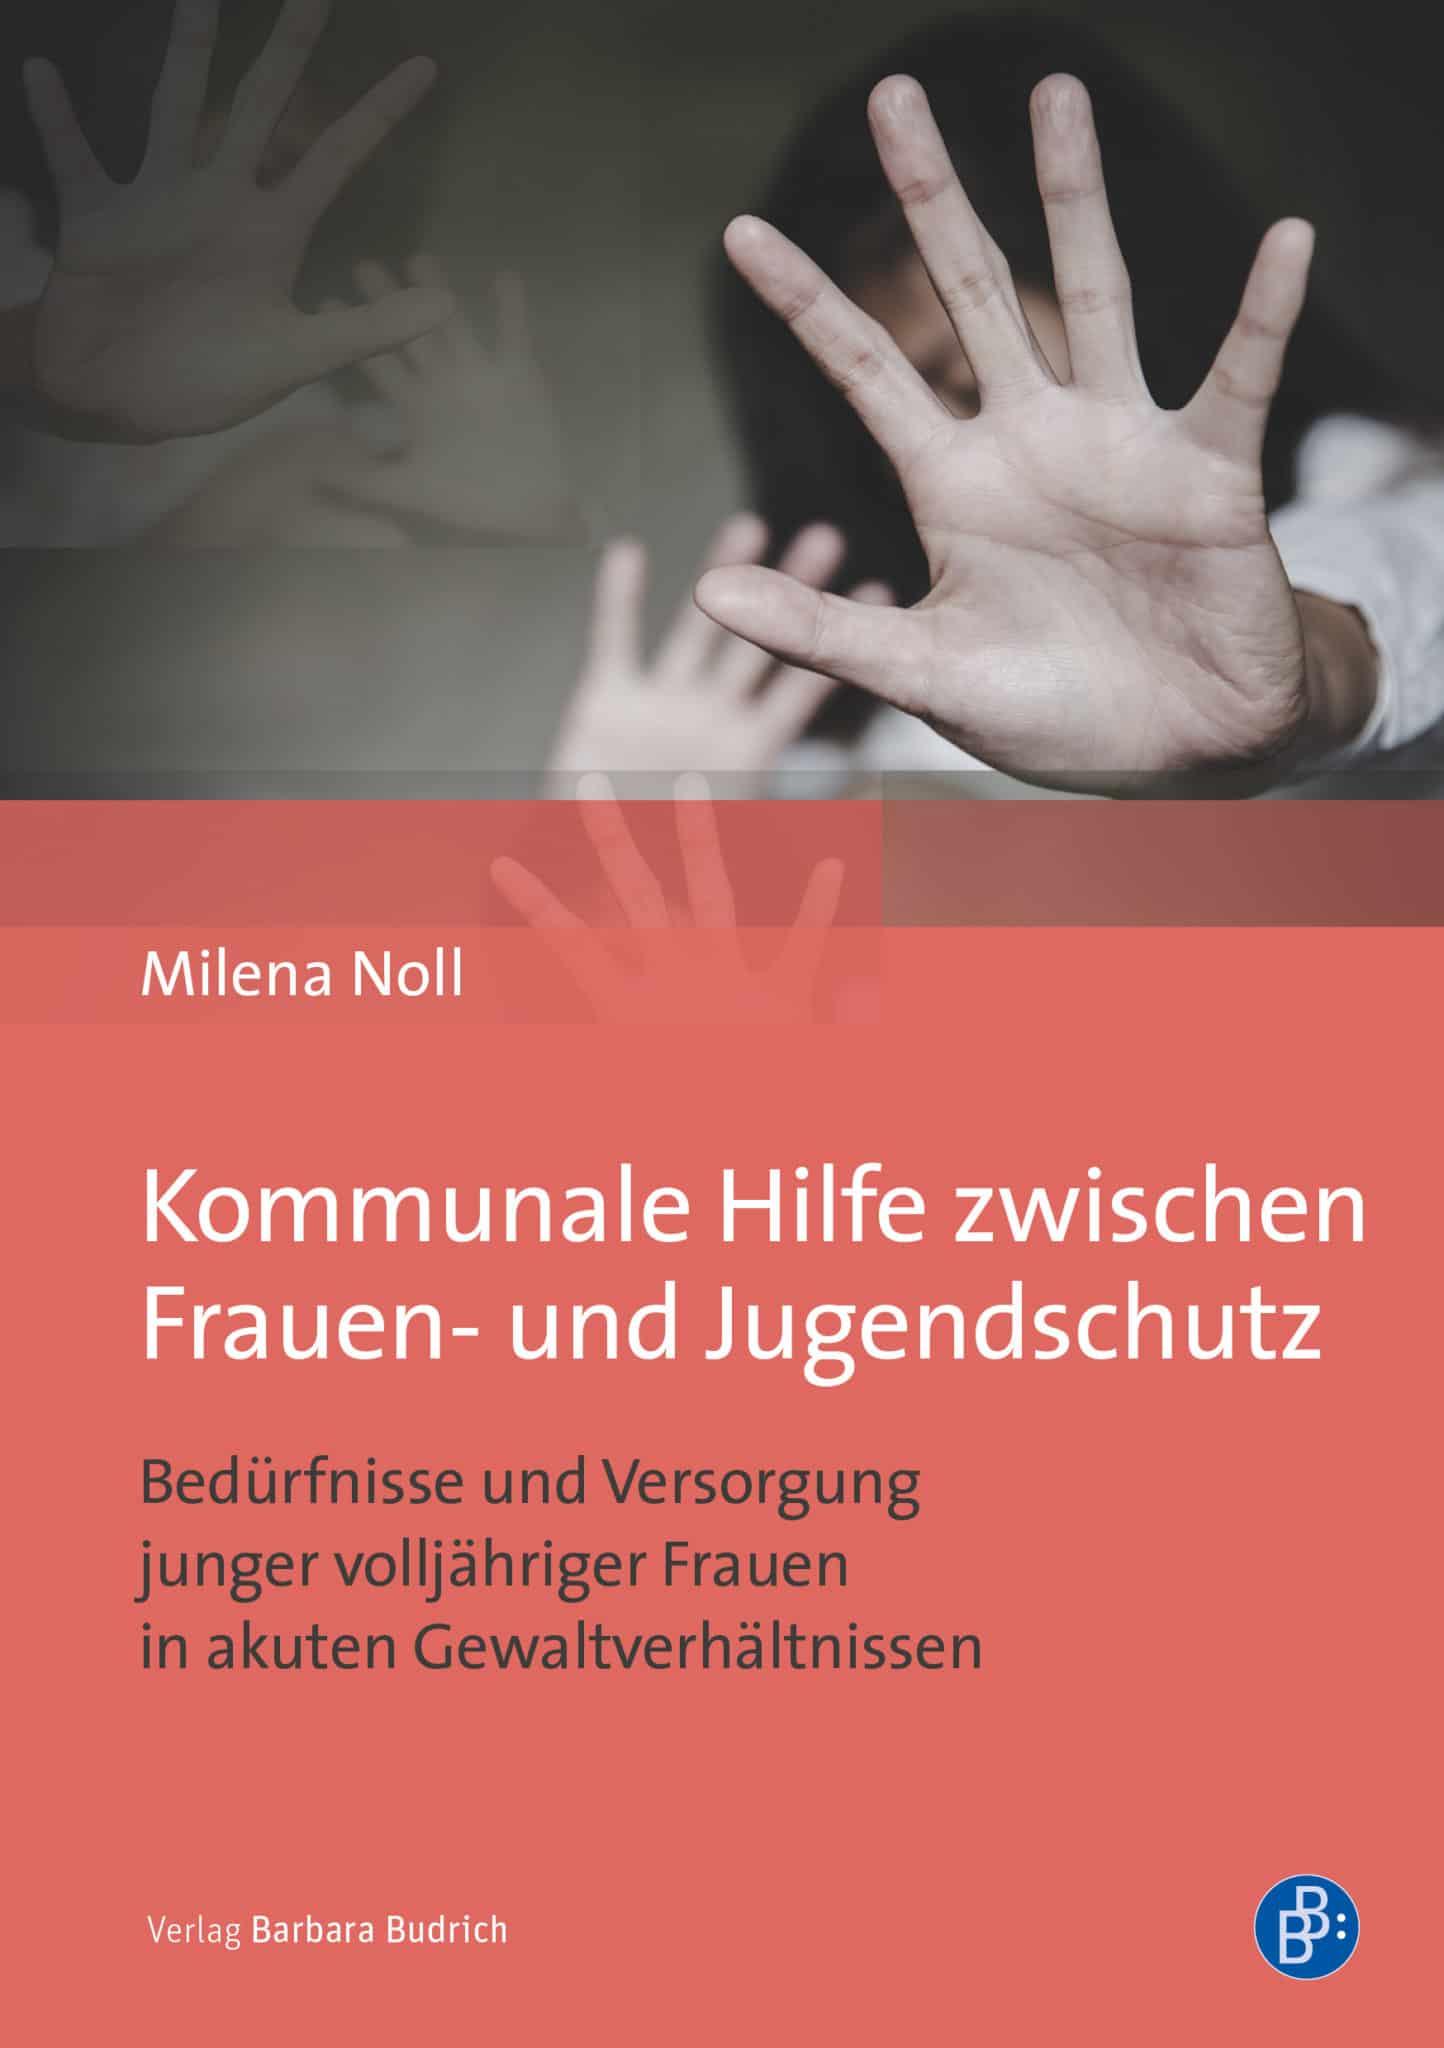 Noll, Milena: Kommunale Hilfe zwischen Frauen- und Jugendschutz. Bedürfnisse und Versorgung junger volljähriger Frauen in akuten Gewaltverhältnissen. Verlag Barbara Budrich.